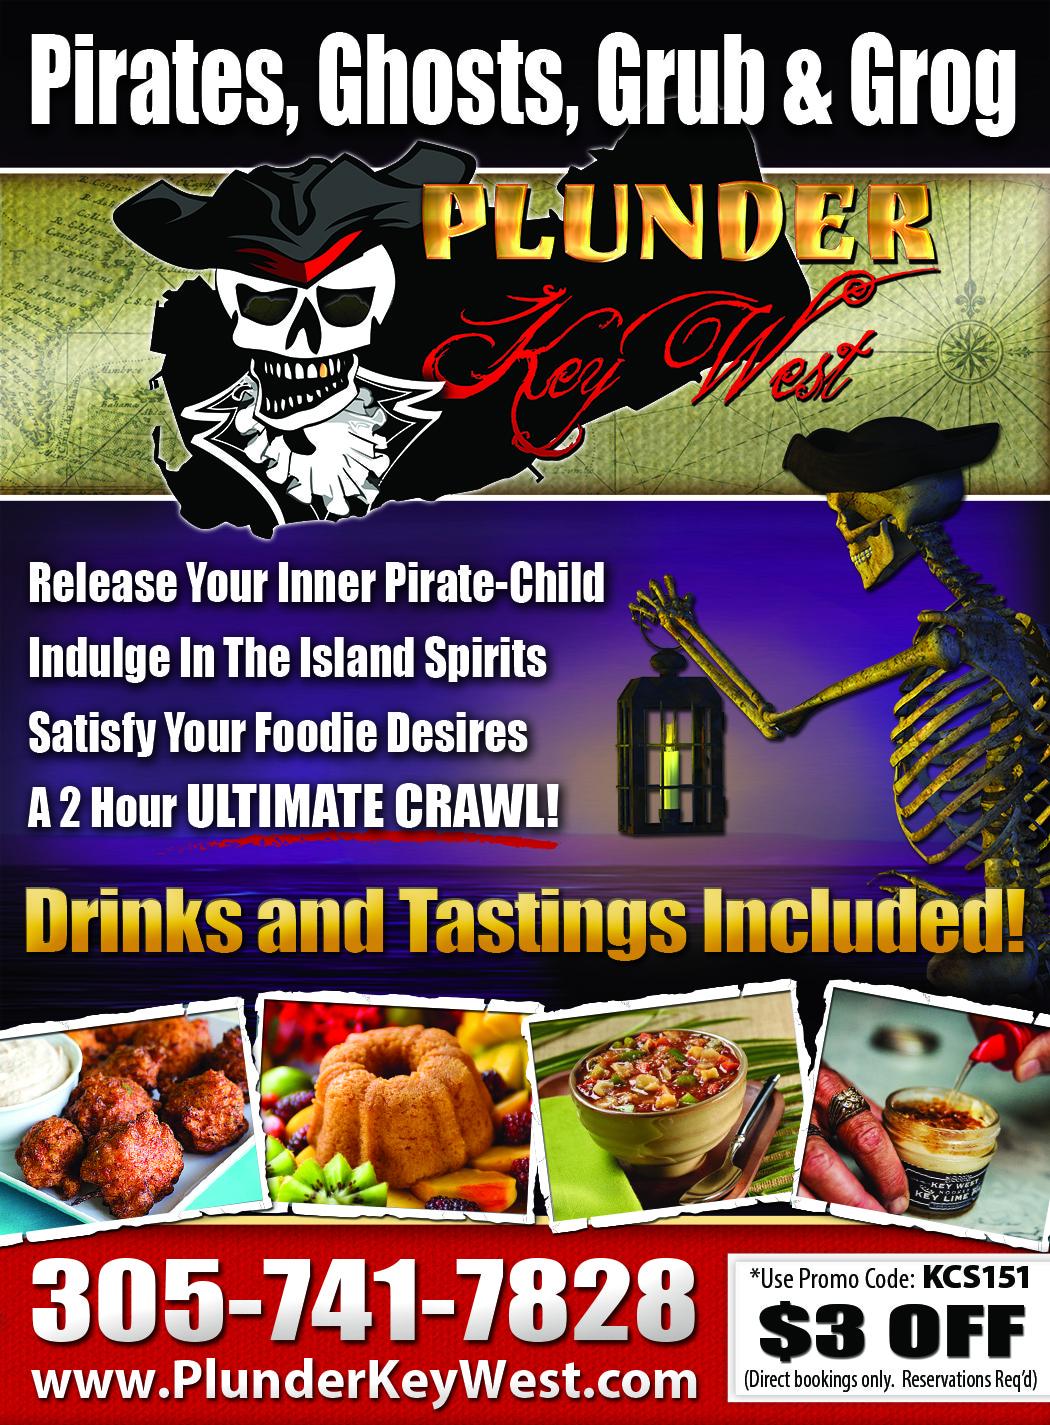 Plunder Key West, Pirates, Ghosts, Grub & Grog